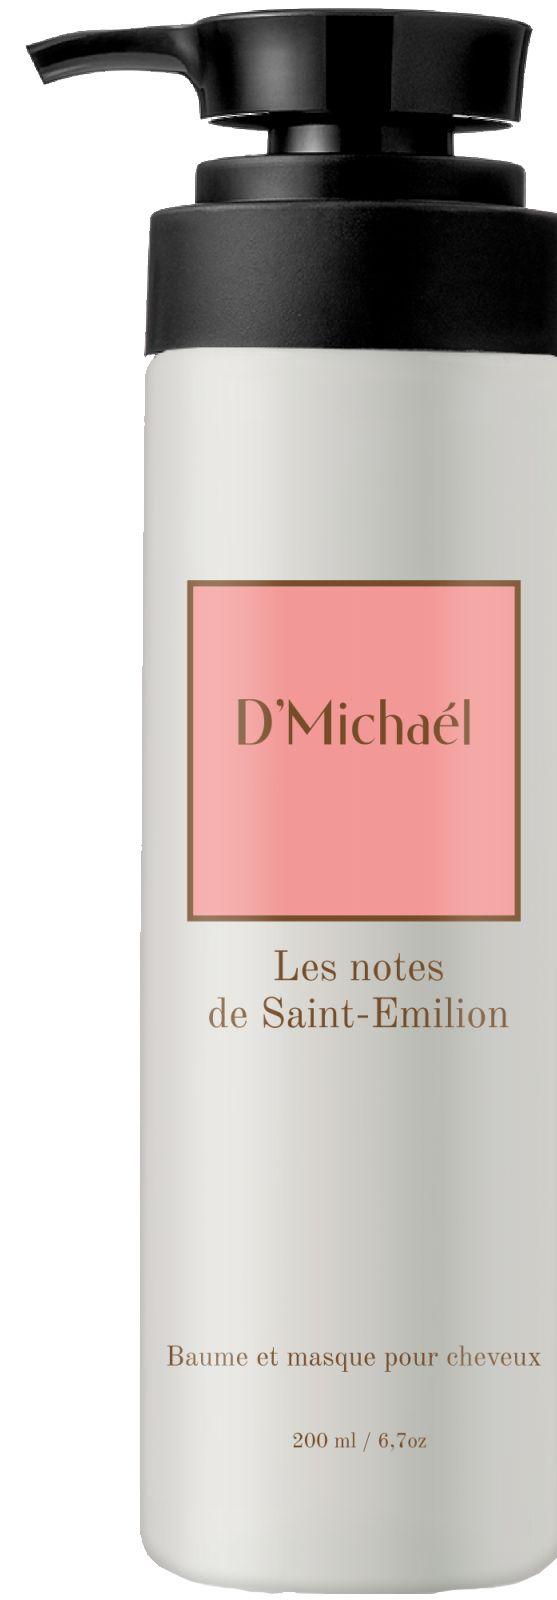 D'Michael Сент-Эмильон Бальзам 200 мл (D'Michael, Les notes de Saint-Emilion) фото